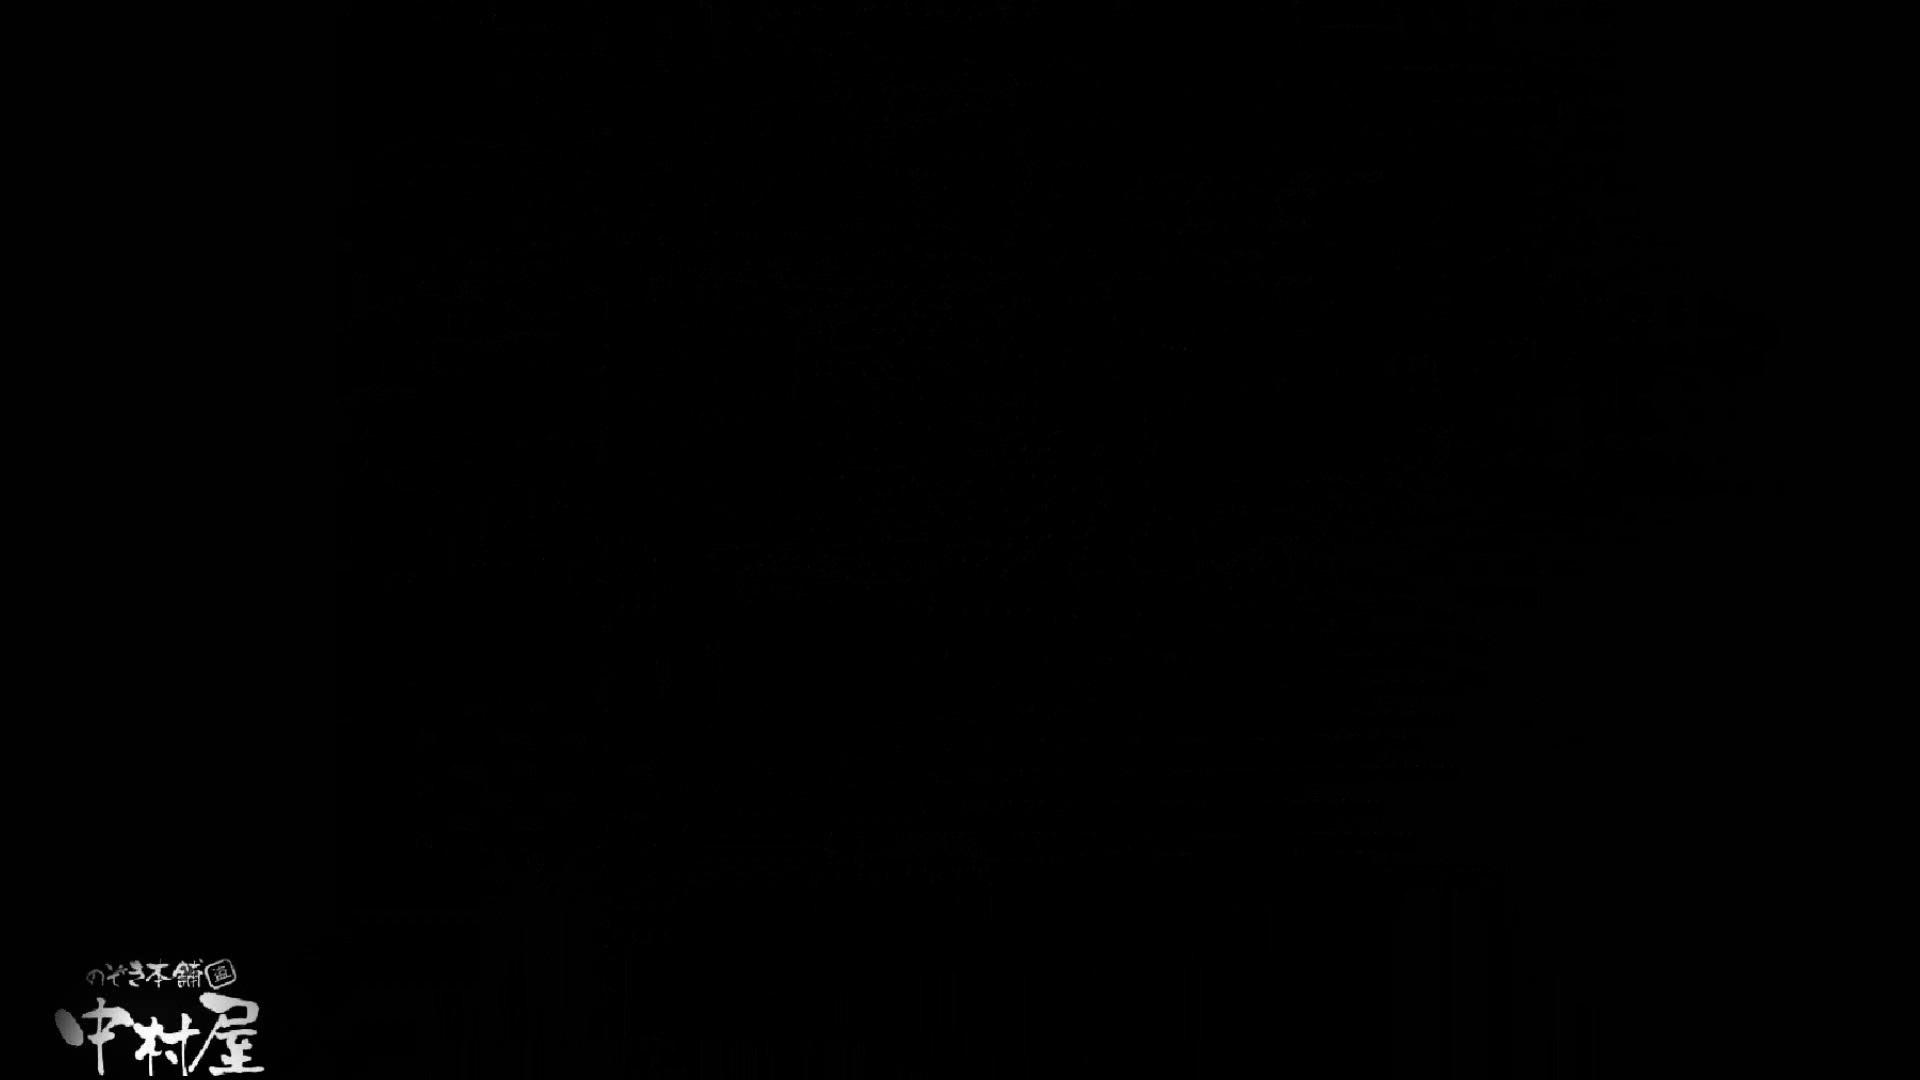 二人とも育てた甲斐がありました…vol.62【小春】小春と縁が切れる直前の旅行【後編】③ 美しいOLの裸体   0  100pic 67